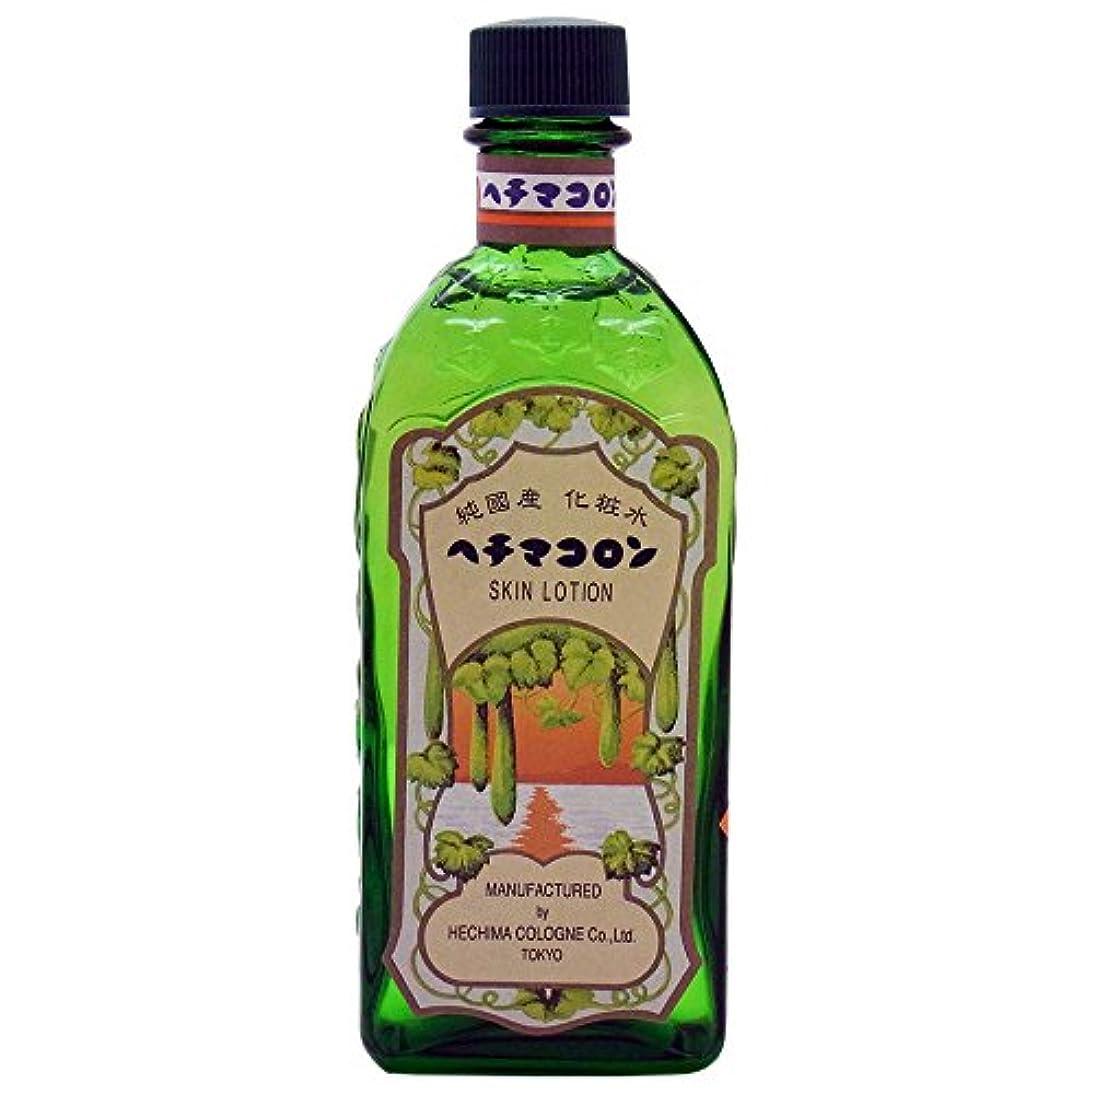 いつも陪審損なうヘチマコロン ヘチマコロンの化粧水 ピュア 120ml